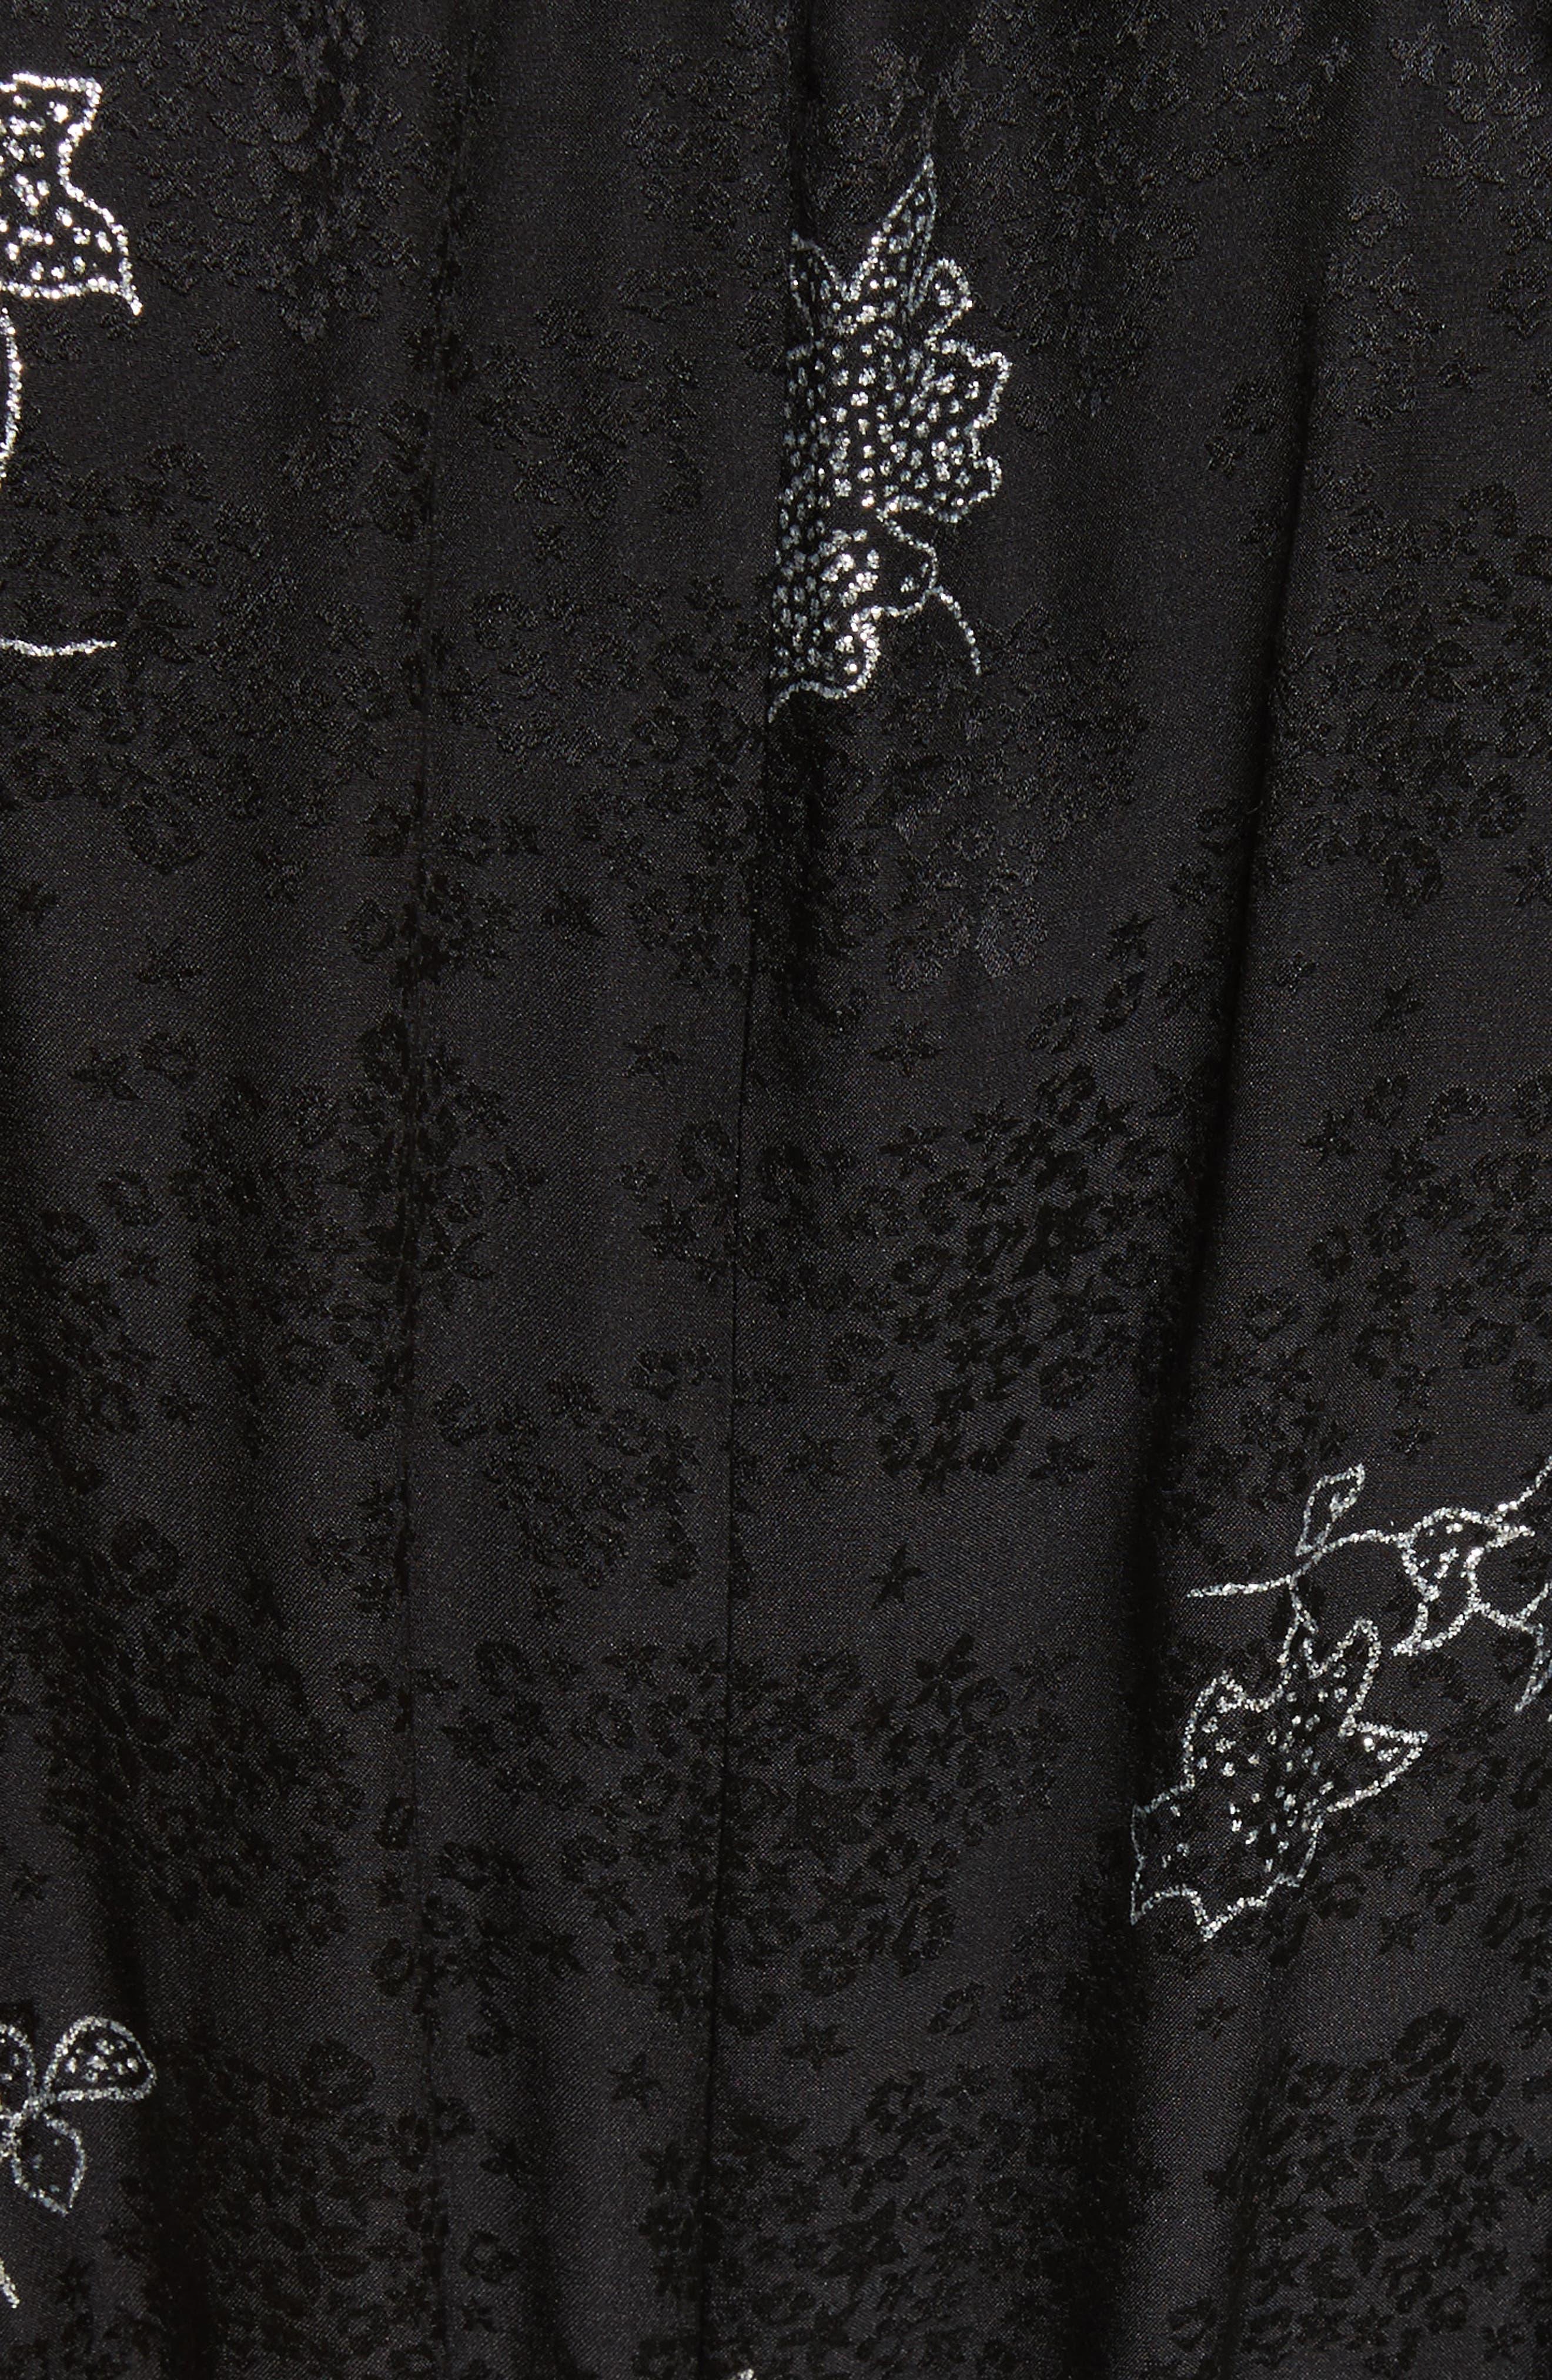 Glitter Jacquard Silk Dress,                             Alternate thumbnail 5, color,                             010